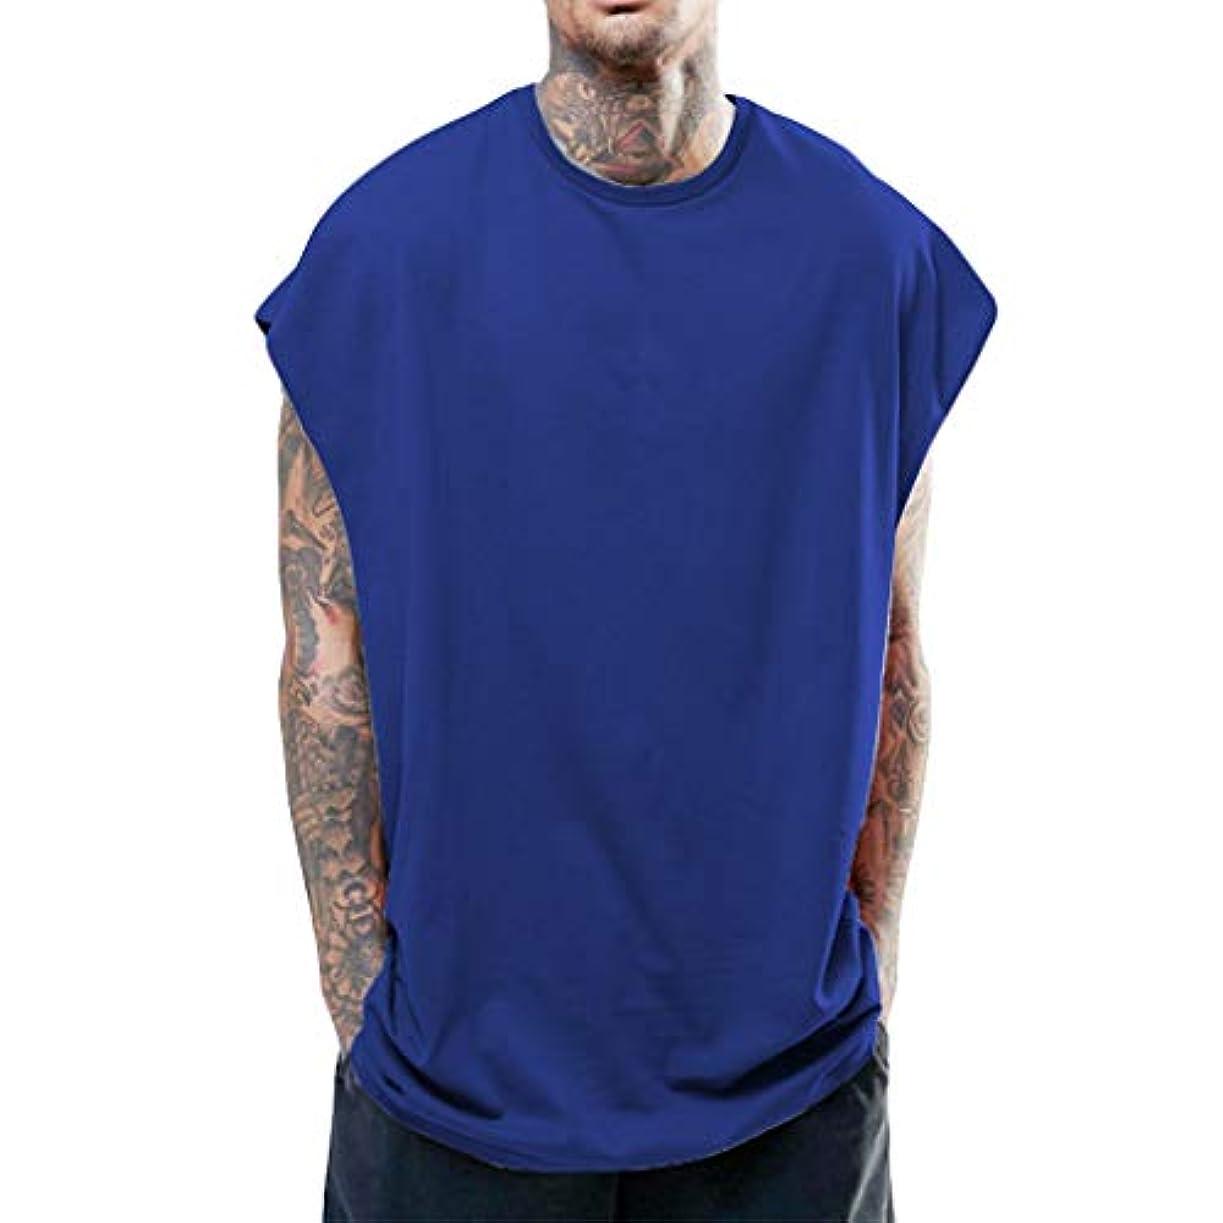 タンクトップ メンズ トレーニングウェア ノースリーブ フィットネス スポーツウェア Tシャツ ドライ ノースリーブ 無地 大きいサイズ インナーシャツ ジムウェア 吸汗速乾